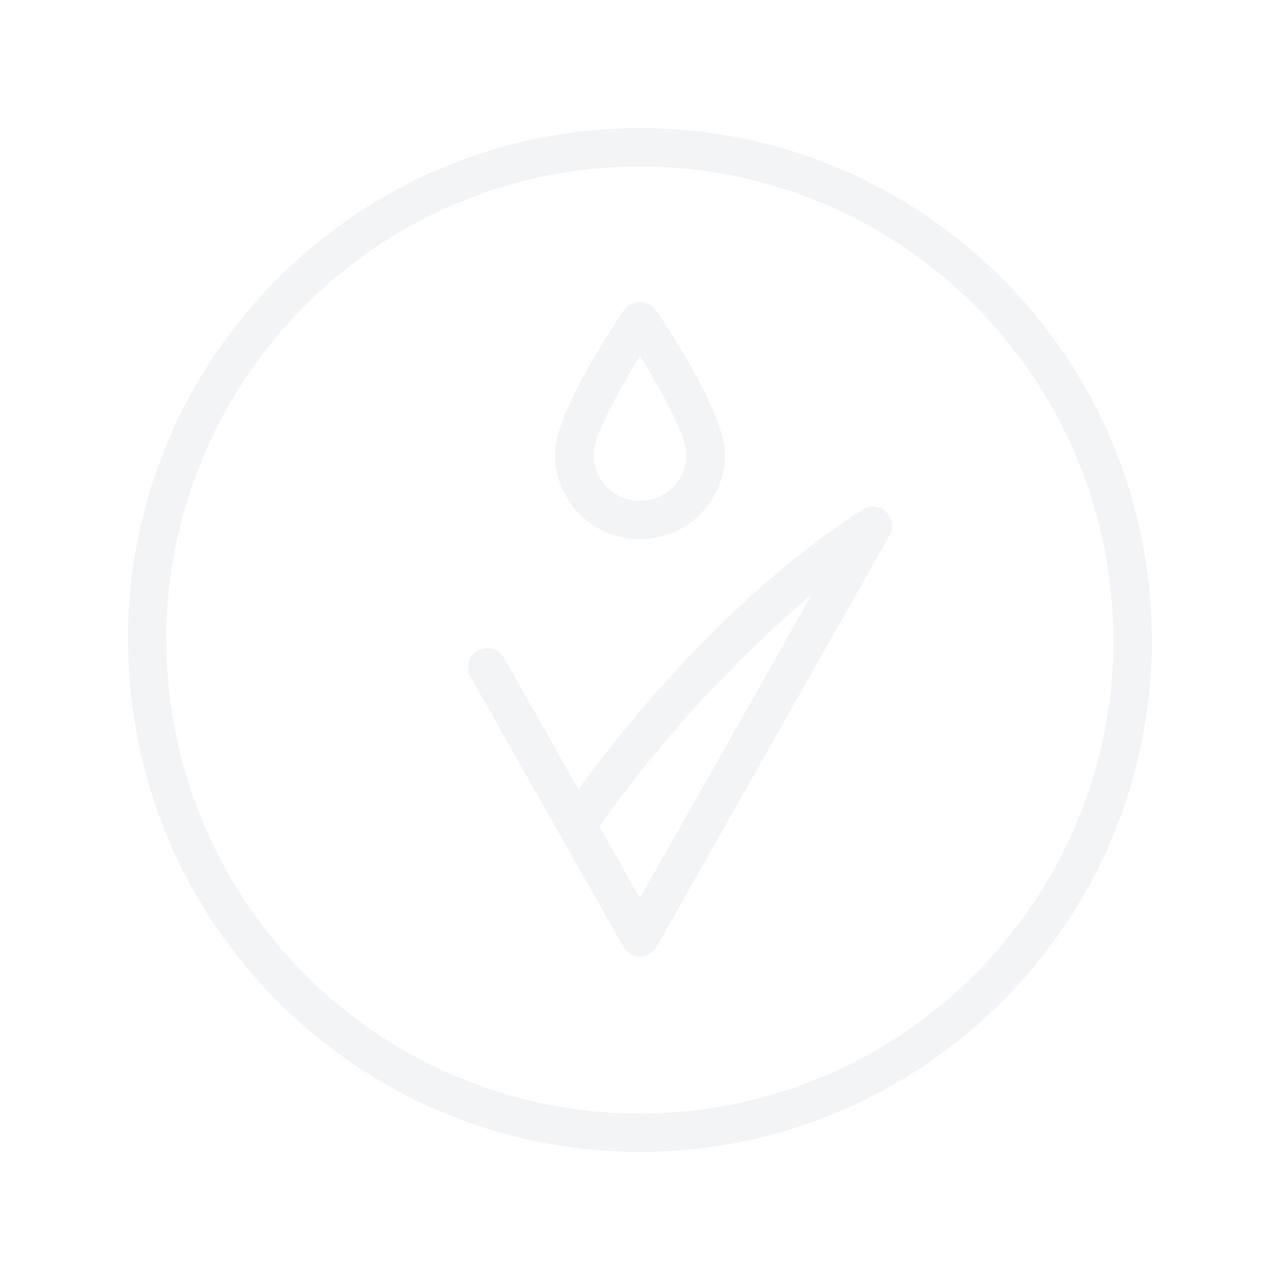 MINIGOLD Friss Earrings